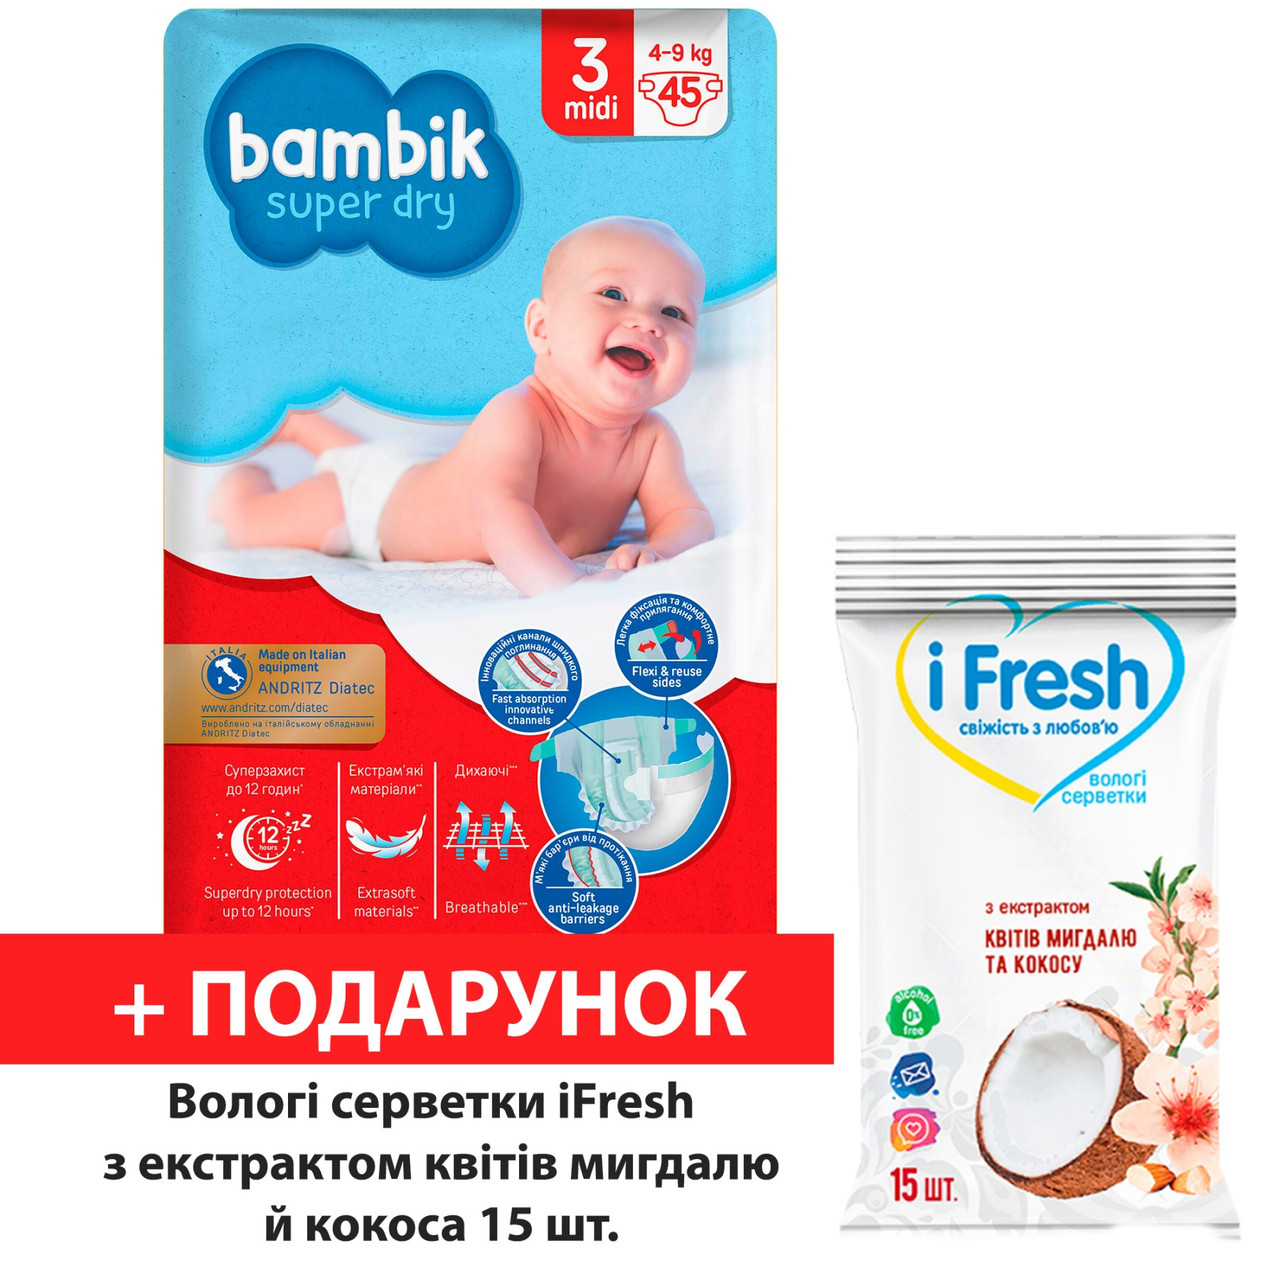 Подгузники Bambik бамбик 3 ( 45 шт / 4-9 кг)+ подарок